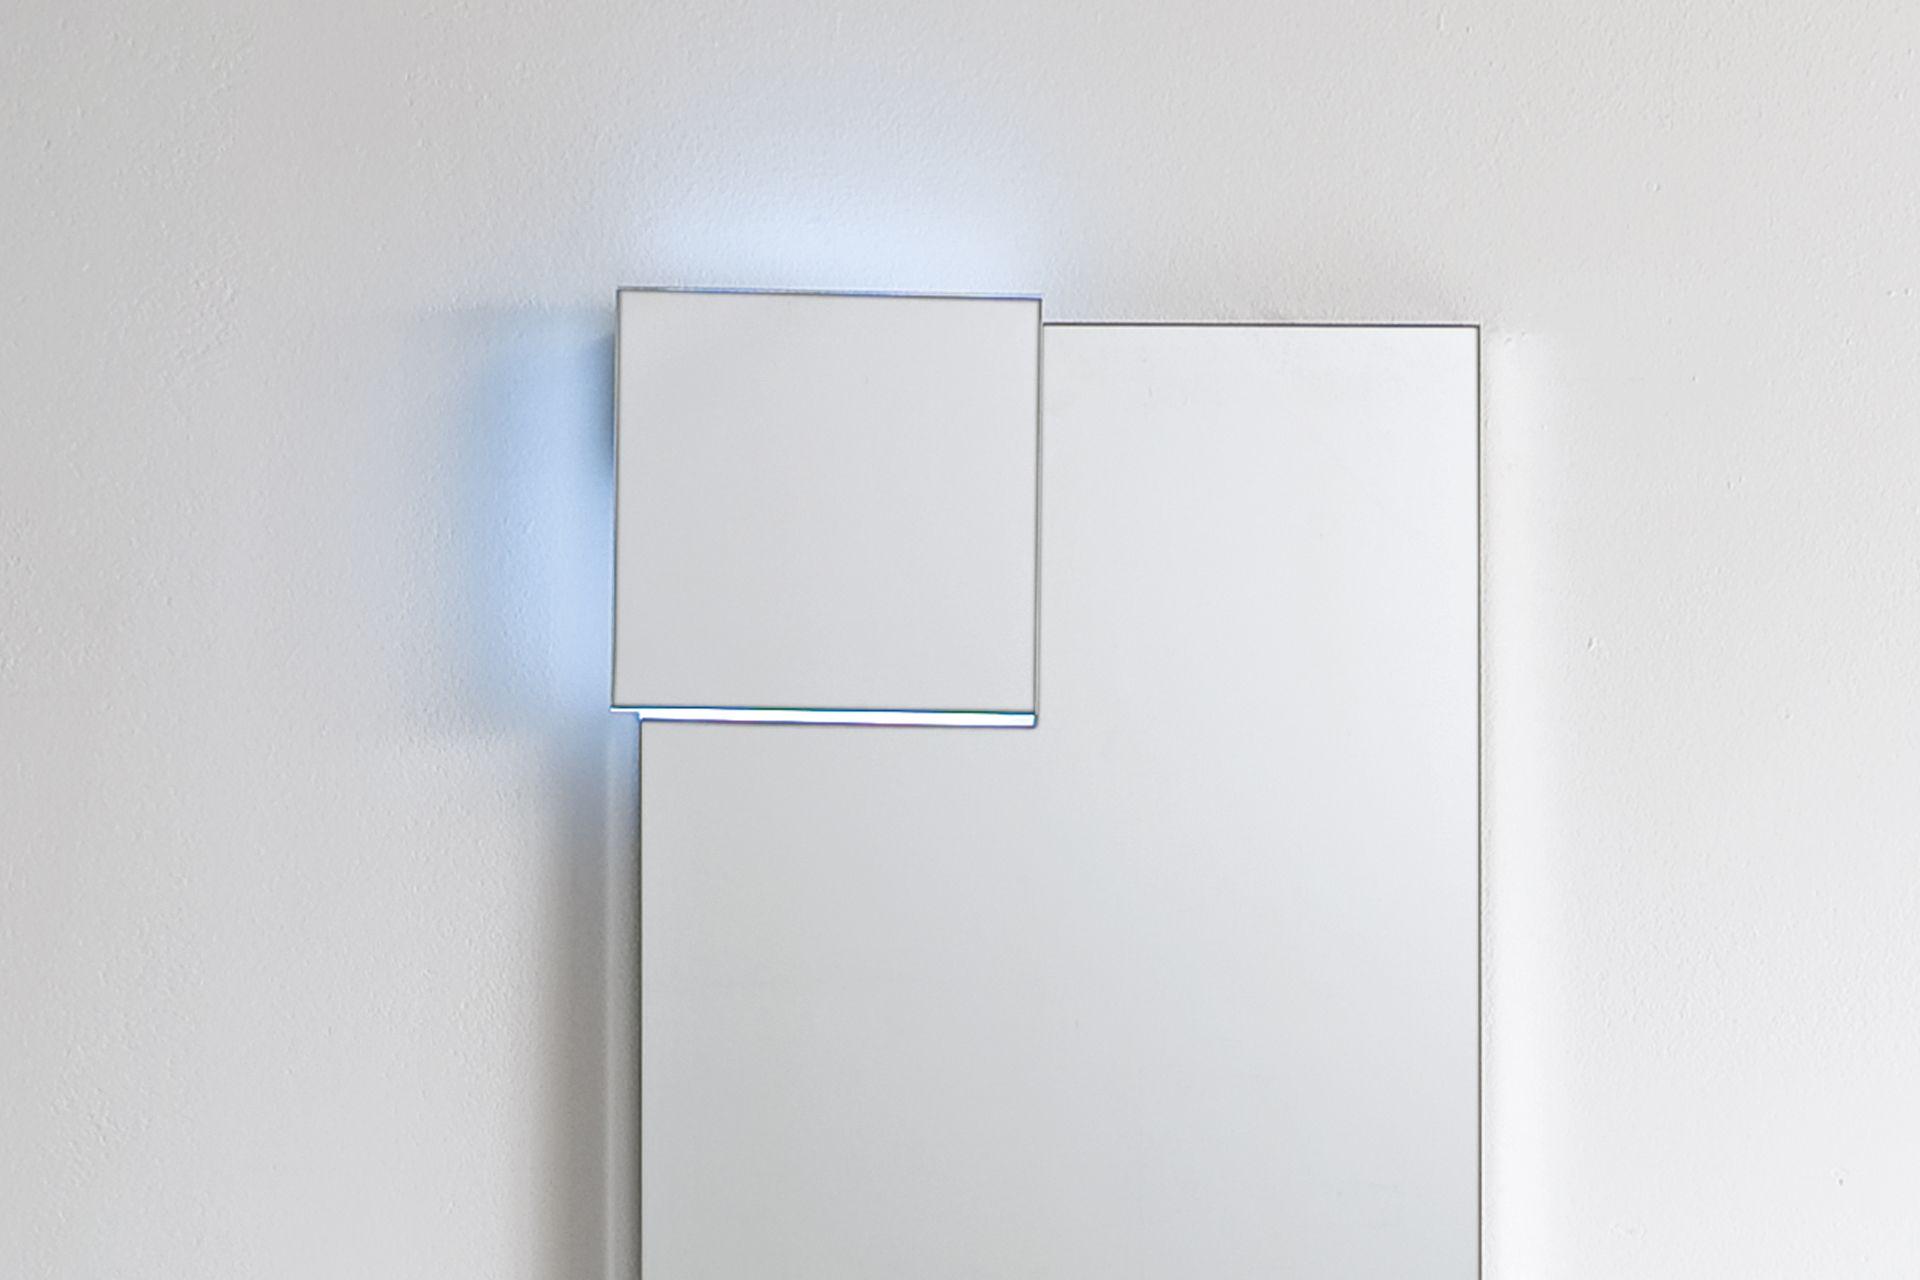 Products components lights agoràgroup edoné design bath